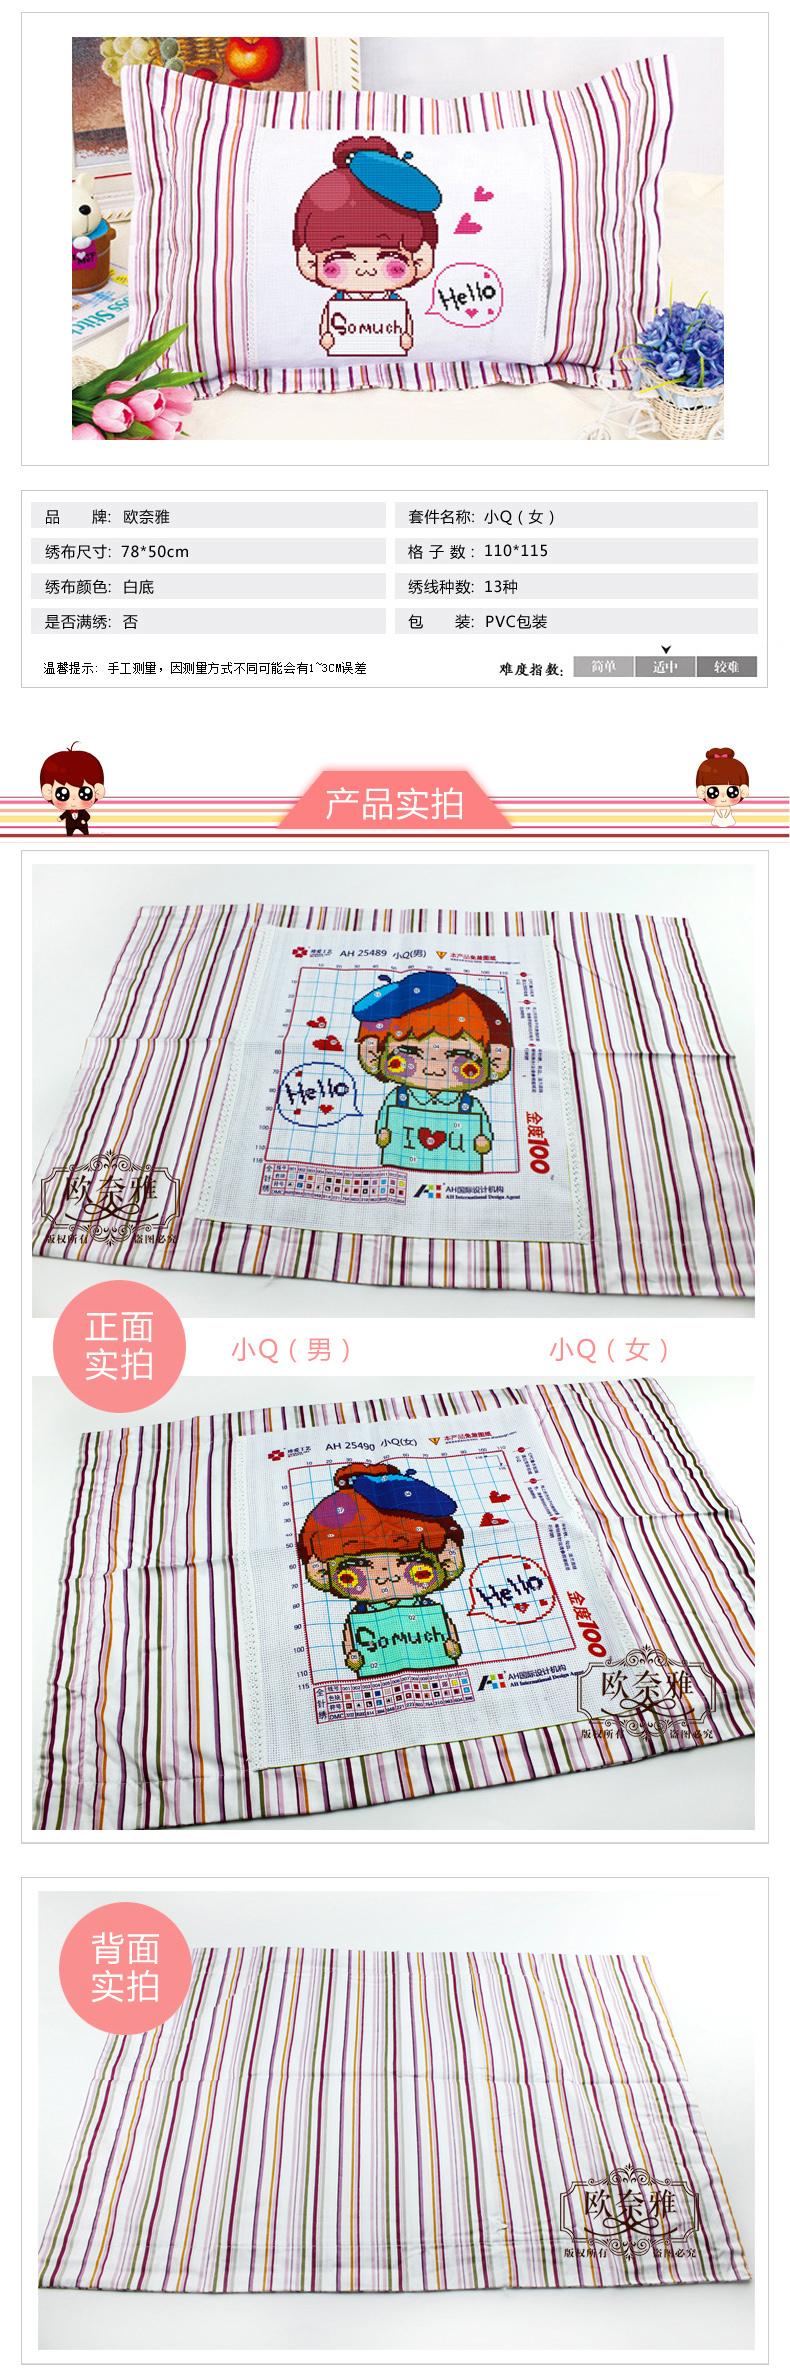 孔雀吉祥图a3d版  商品名称:欧奈雅十字绣抱枕小q卡通可爱情侣单人枕